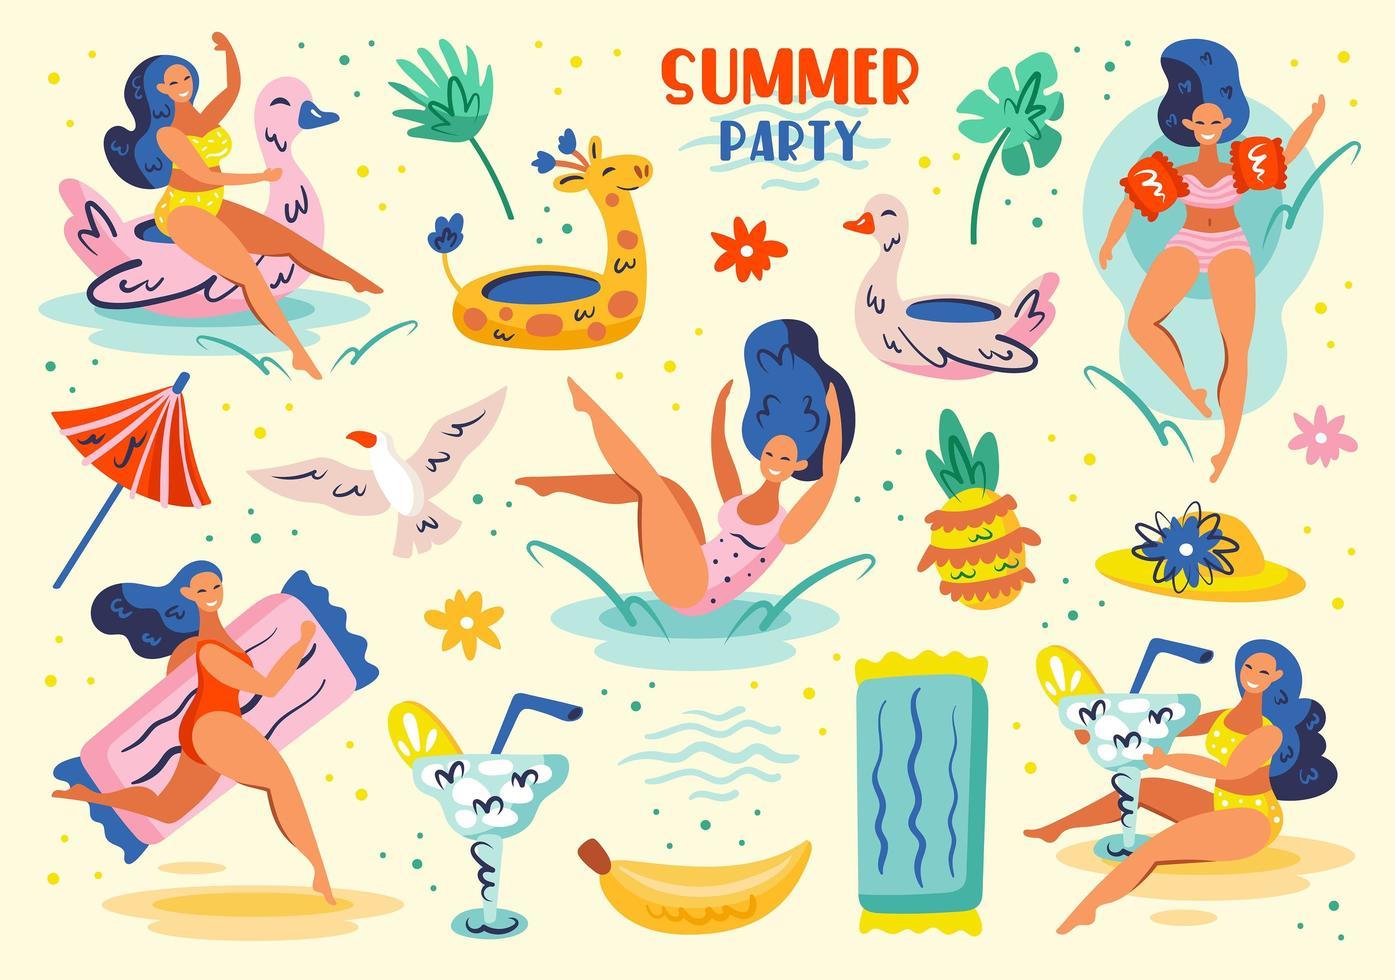 femme en maillot de bain s'amuser au jeu de fête d'été vecteur